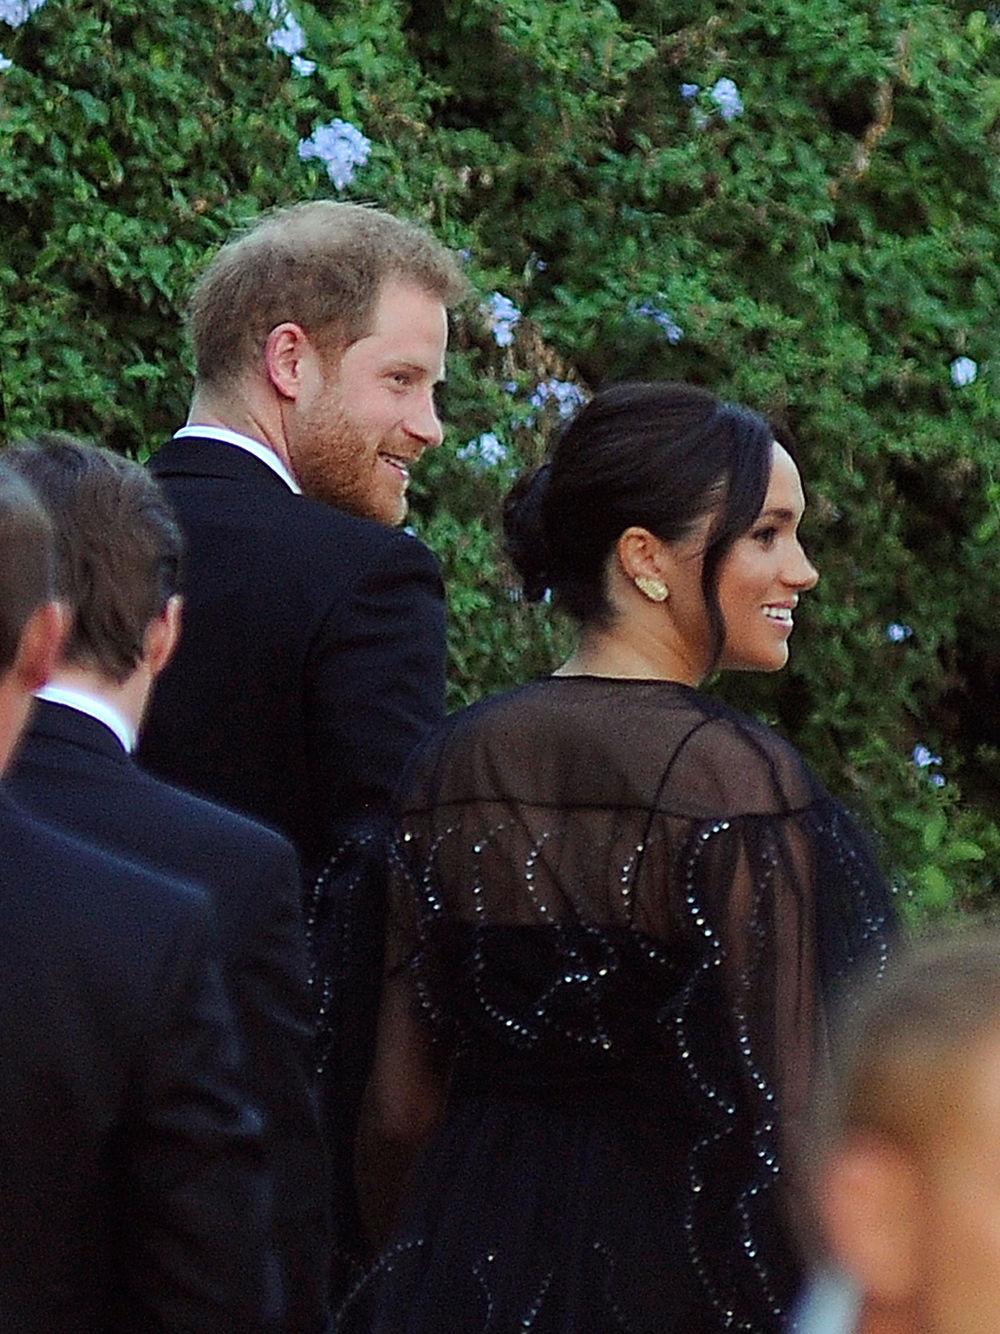 Ο Πρίγκιπας Χάρι και η Μέγκαν Μαρκλ σε πιο σκούρες αποχρώσεις σε ό, τι αφορά τις ενδυματολογικές τους επιλογές στον γάμο στη Ρώμη